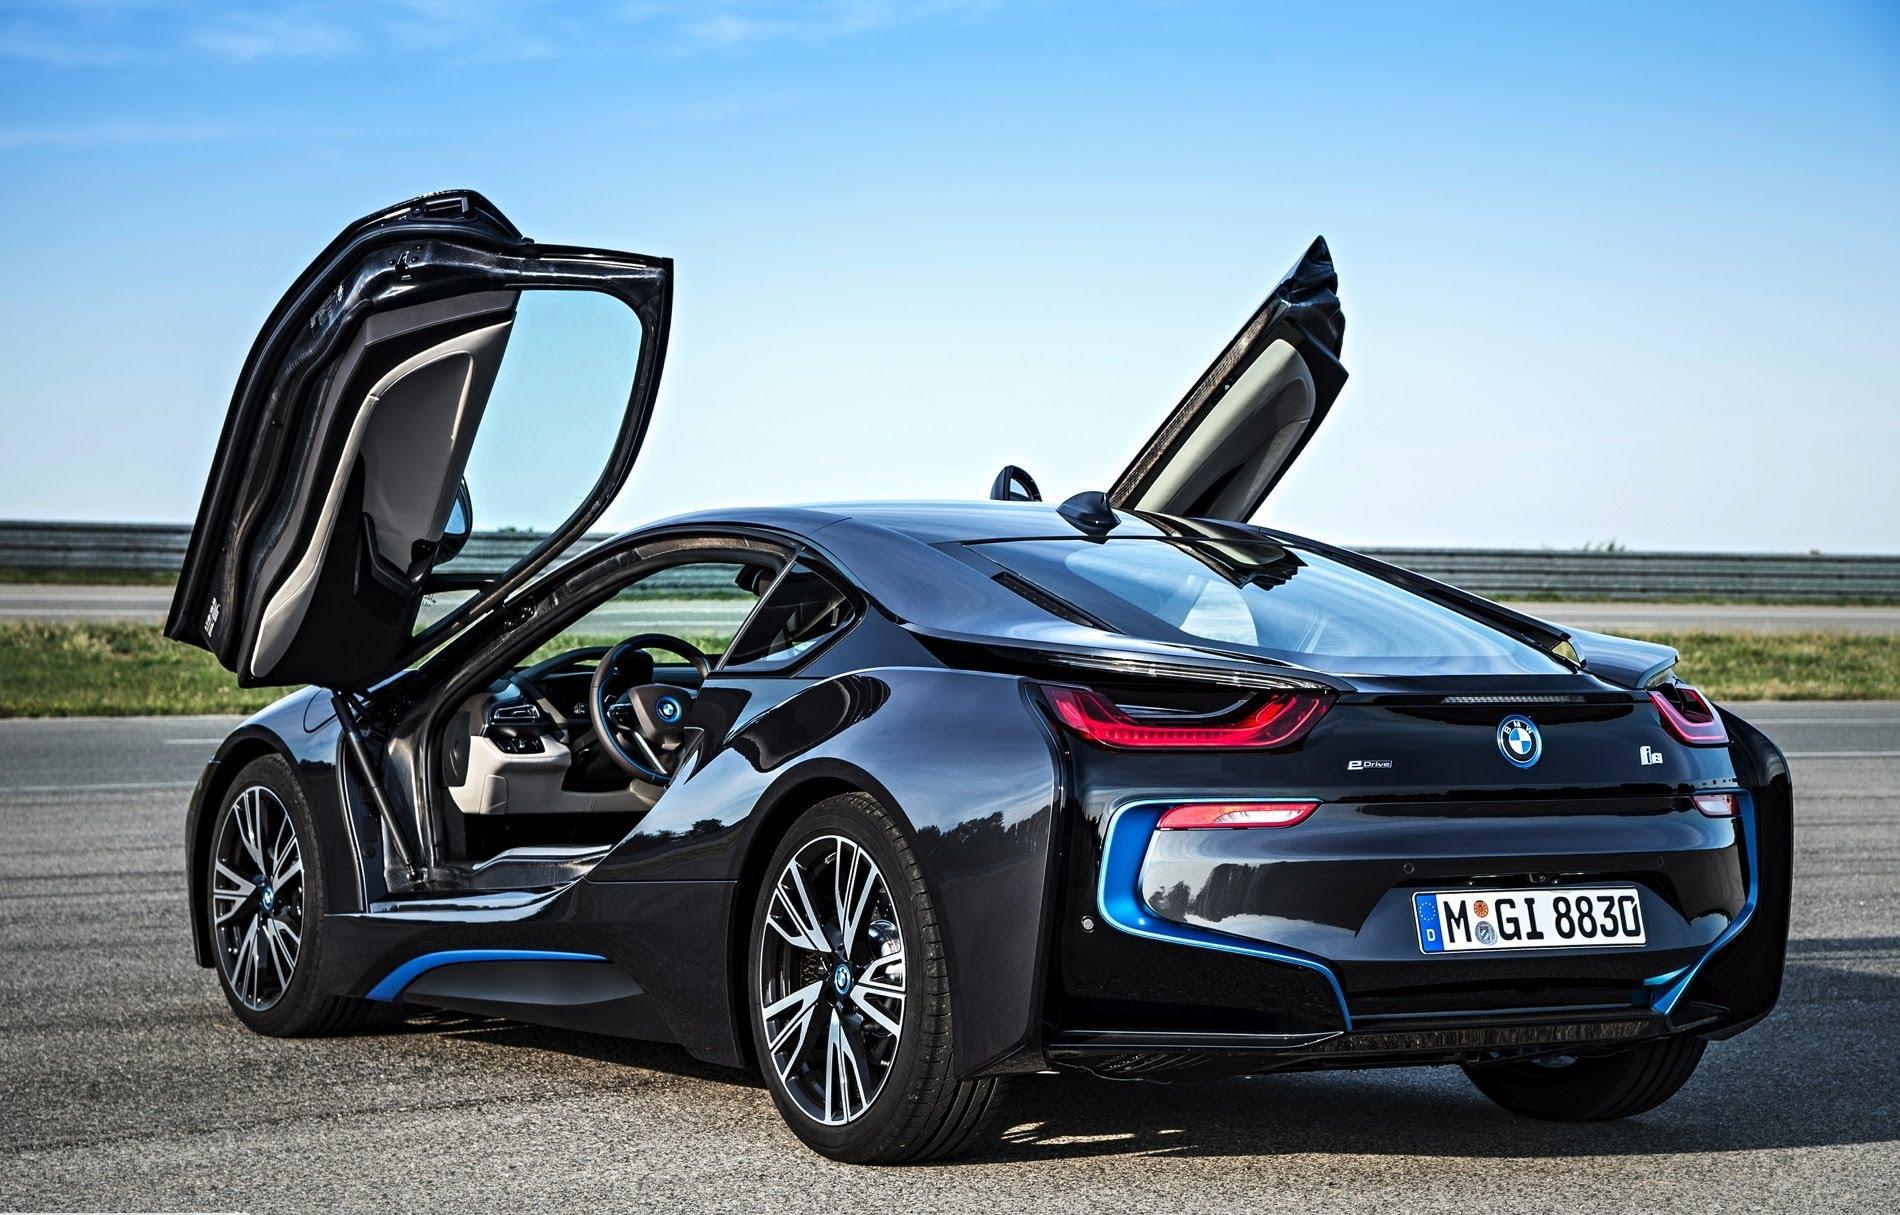 zelene auto roka 2015 je BMW i8